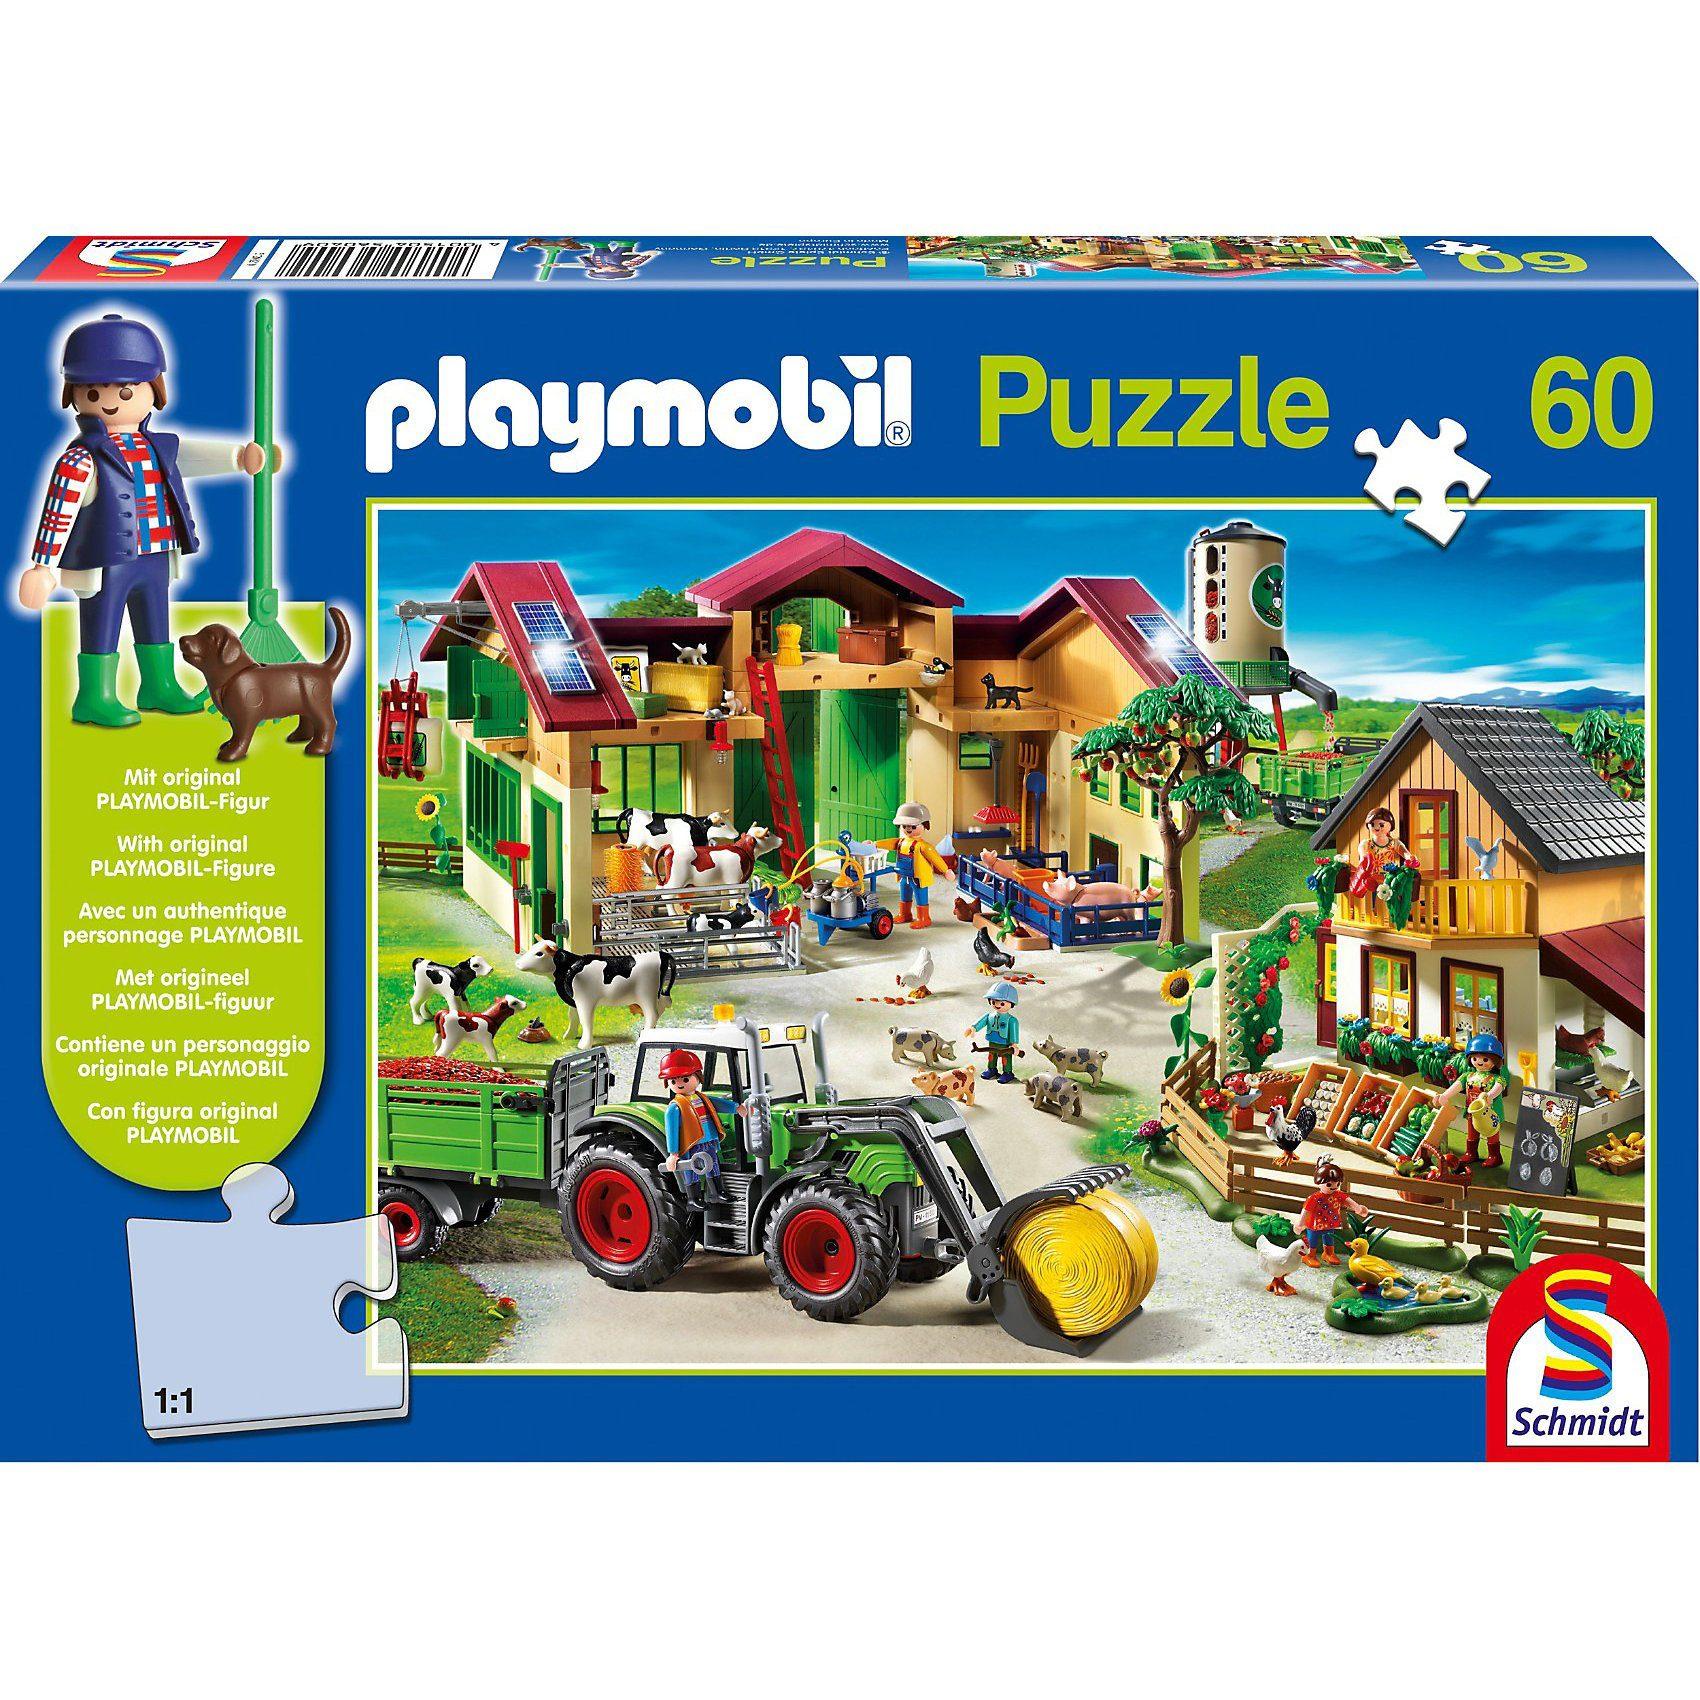 Schmidt Spiele Auf dem Bauernhof, 60 Teile, Kinderpuzzle Playmobil mit Figu